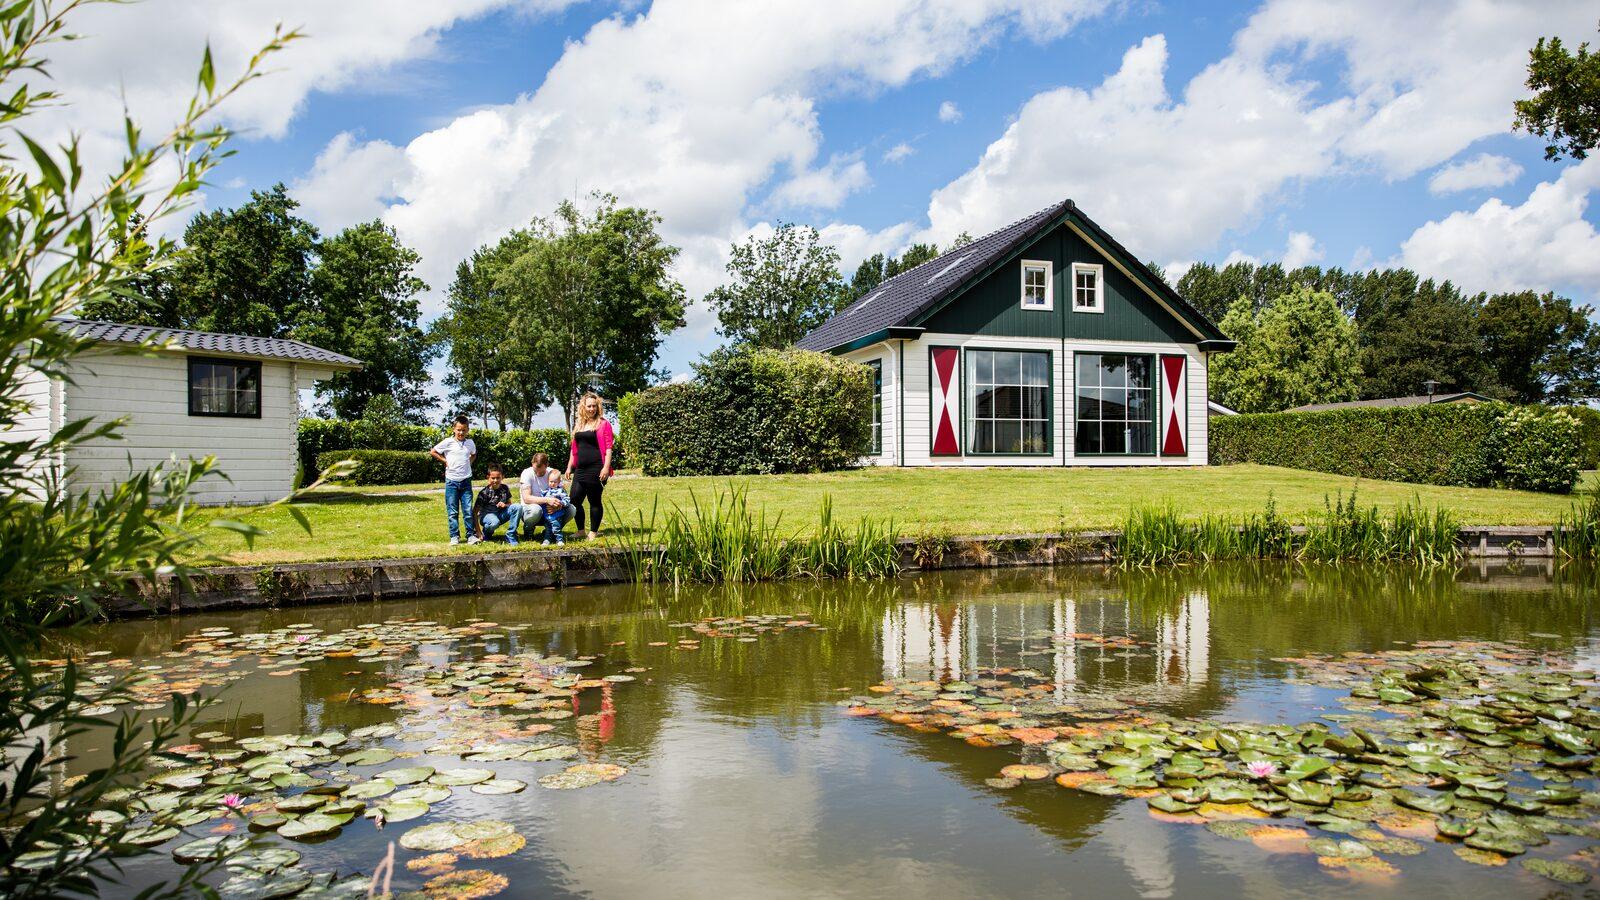 Vakantie in Noord-Holland